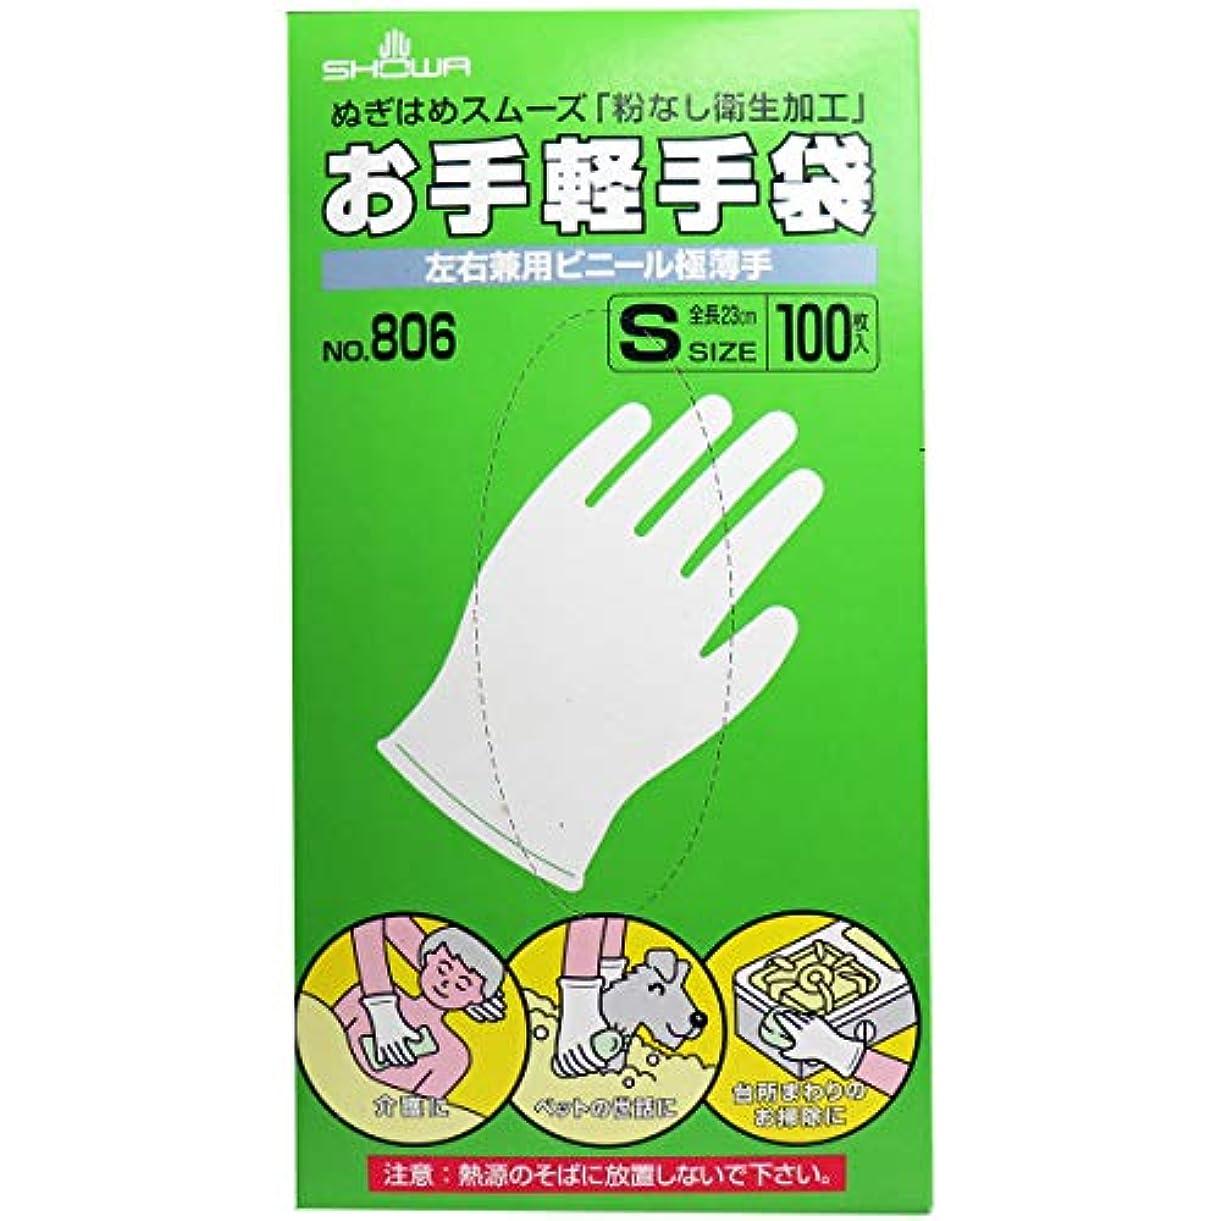 ジョブサラミ厄介なお手軽手袋 No.806 左右兼用ビニール極薄手 粉なし Sサイズ 100枚入×5個セット